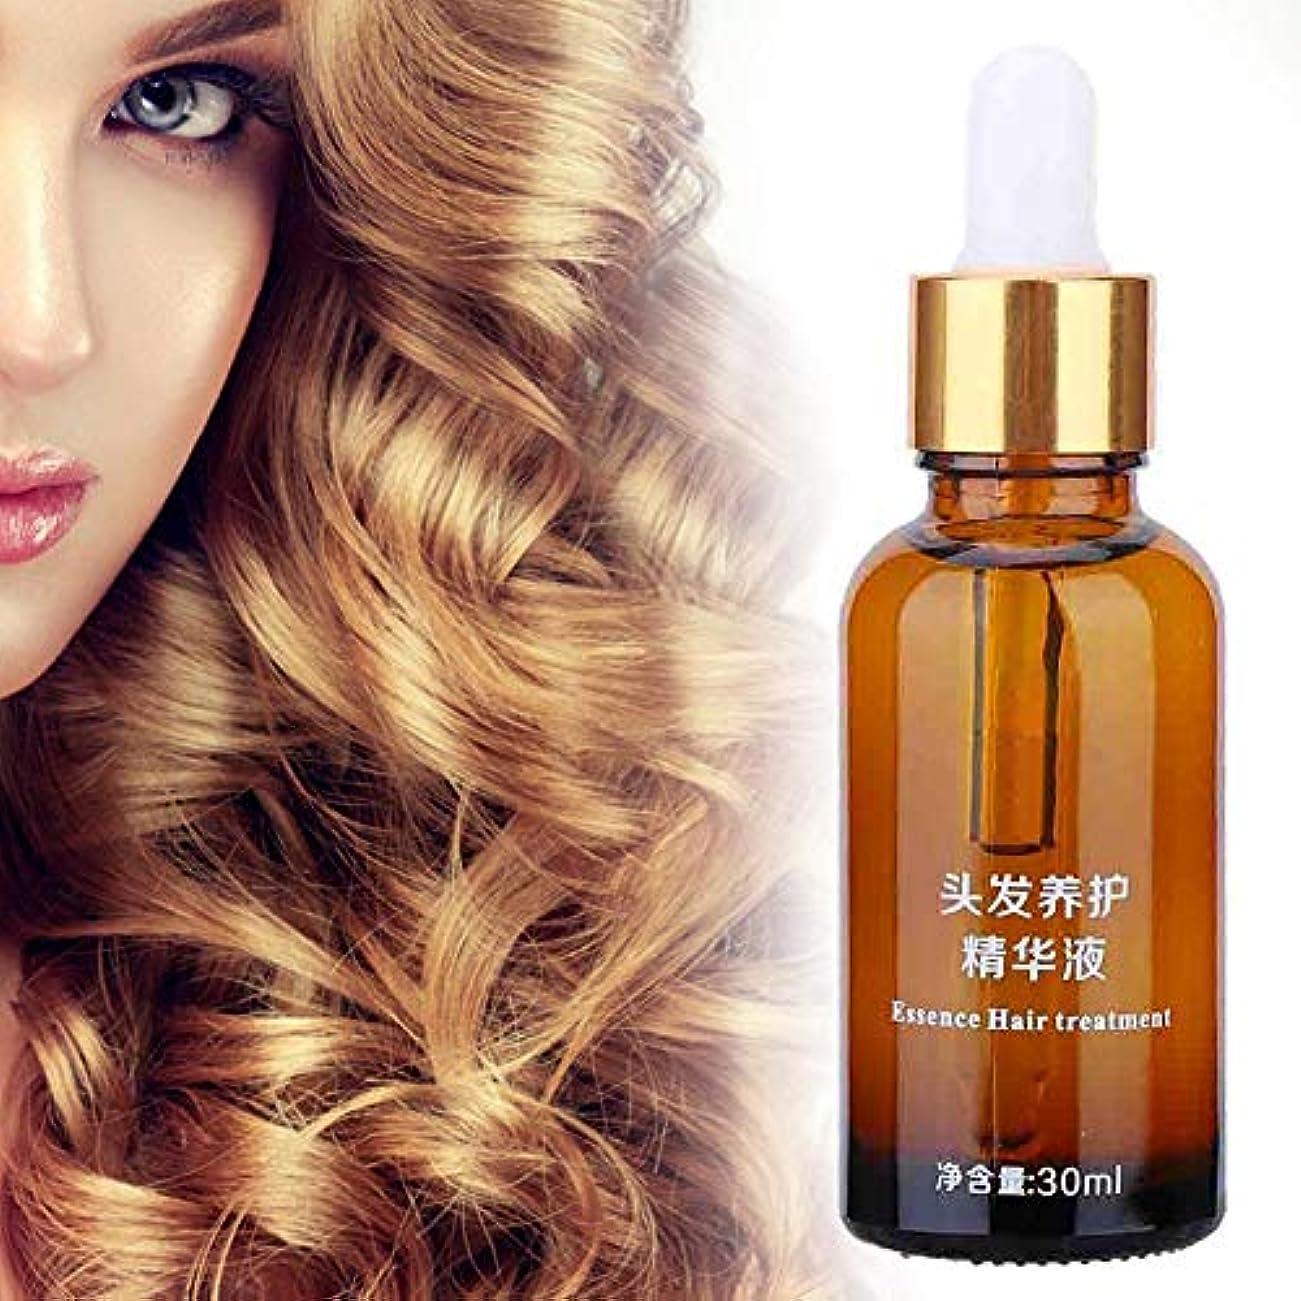 突然許可どきどきヘアエッセンシャルオイル、頭皮の養毛を強化する毛根の乾燥によるダメージを減らしますヘアリペアエッセンシャル液体30ミリリットル